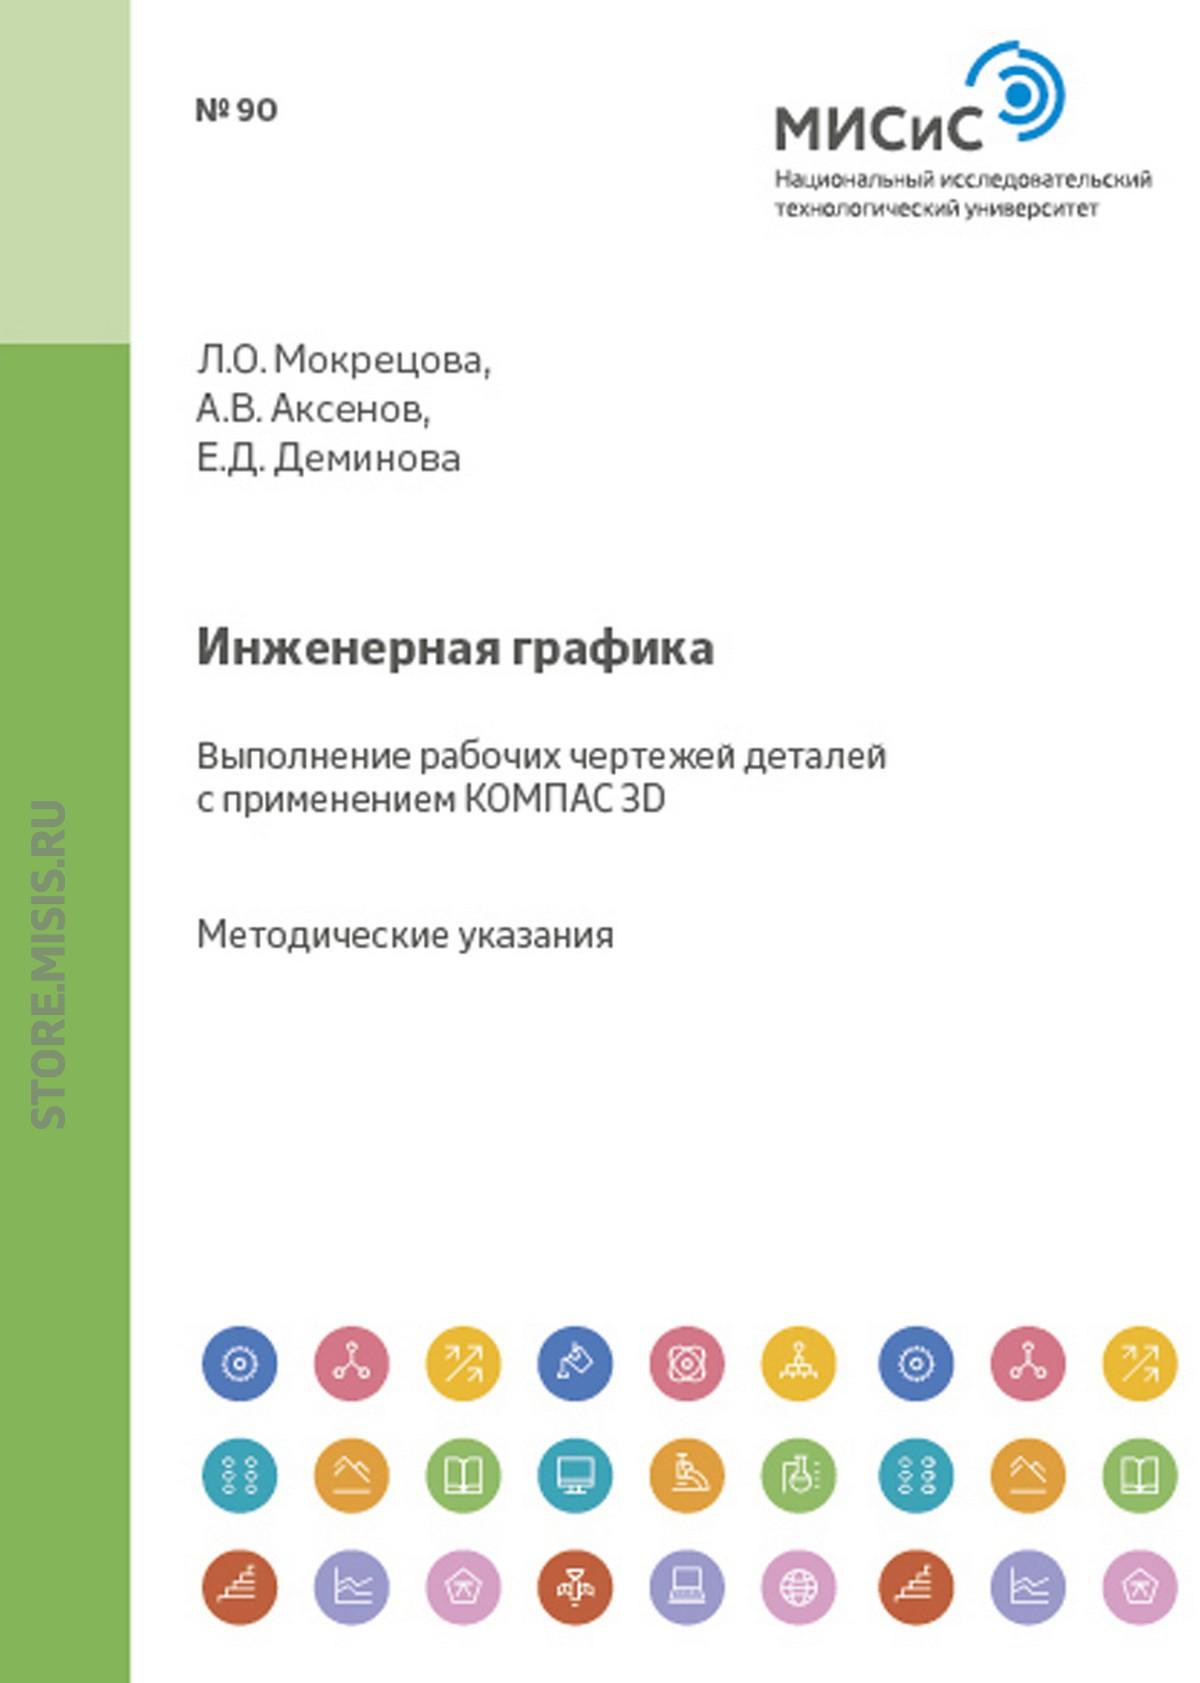 Екатерина Деминова Инженерная графика. Выполнение рабочих чертежей деталей с применением КОМПАС 3D